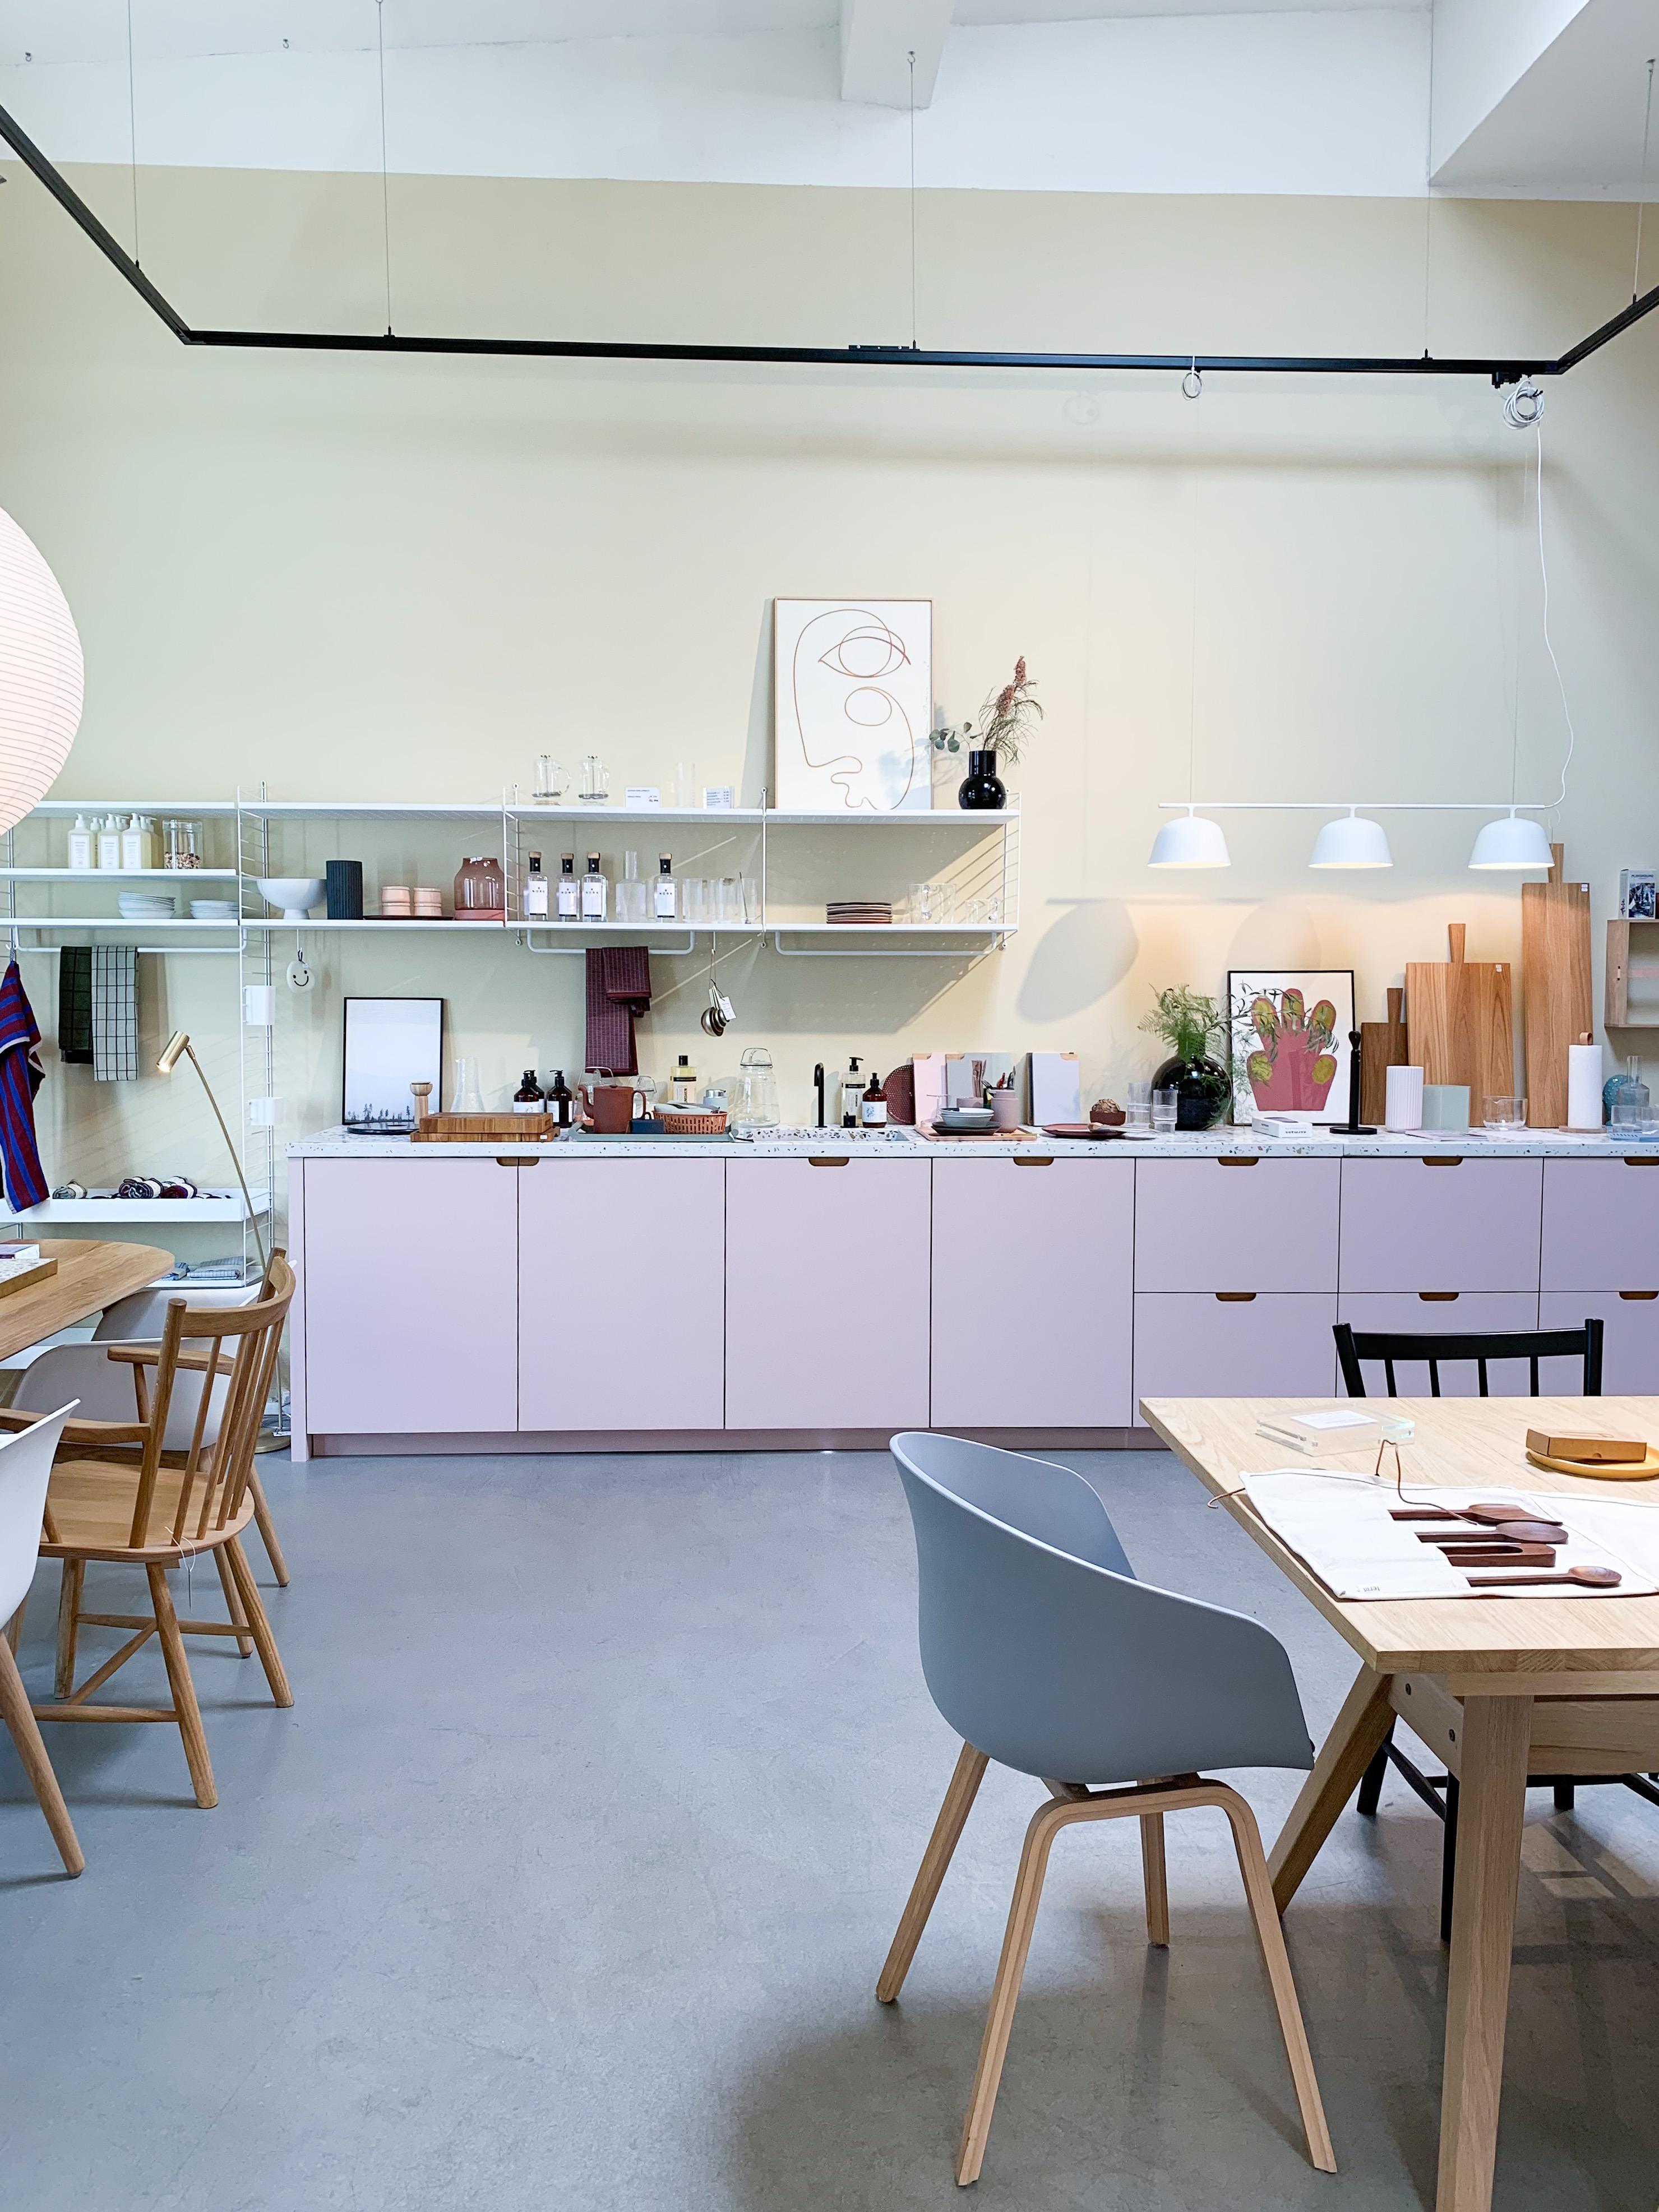 Rosa Küche mit Terazzo Arbeitsplatte von We are studio studio bei Lys Vintage